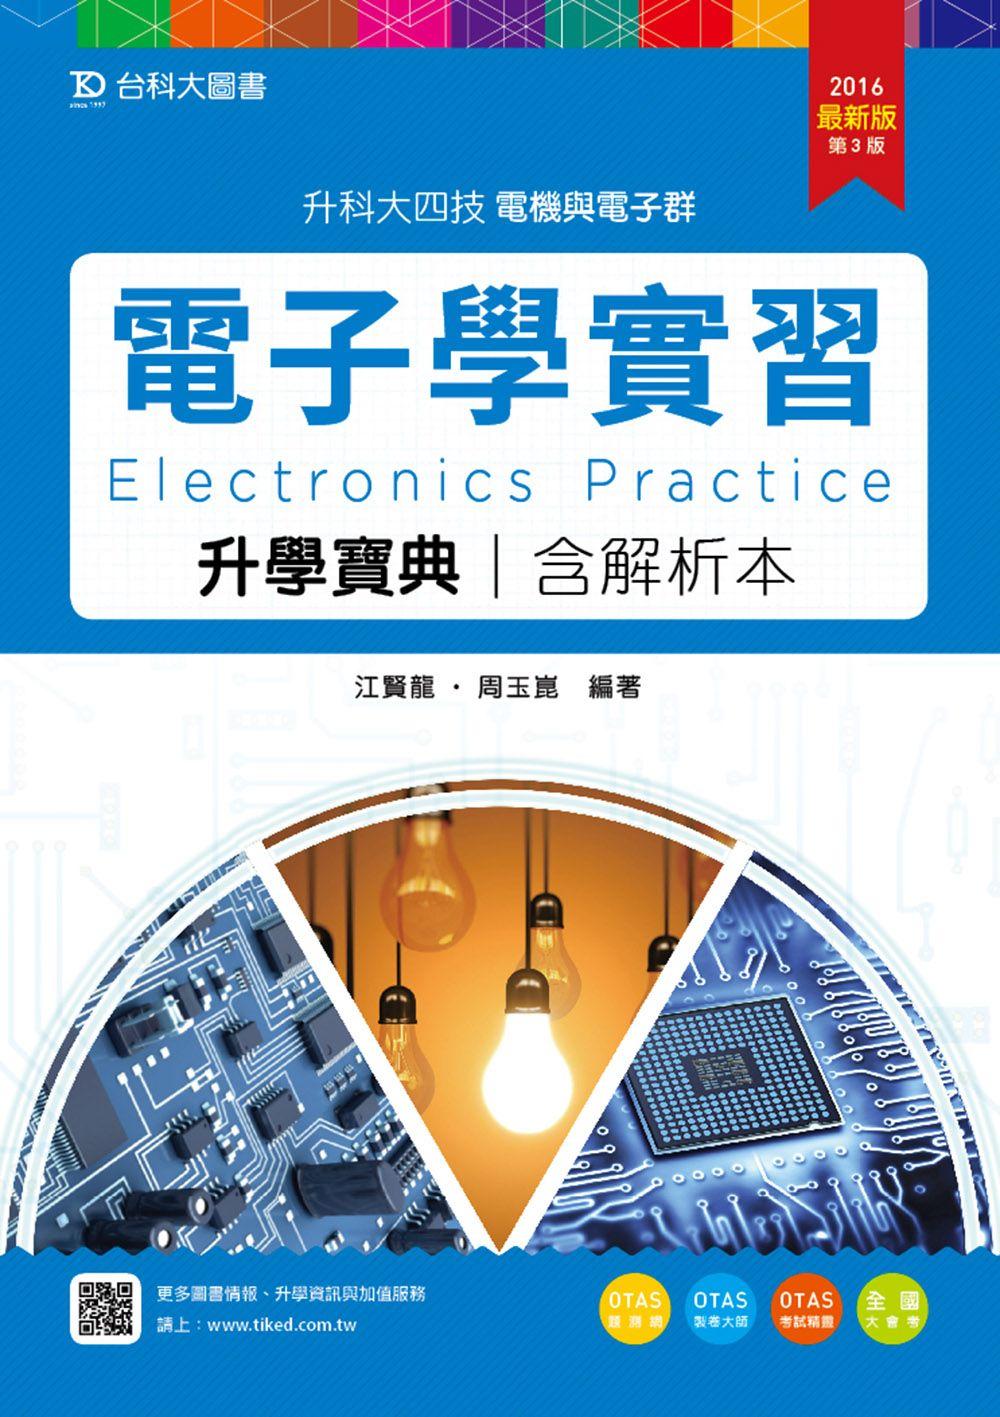 AD01602-升科大四技 電機與電子群 電子學實習 升學寶典 含解析本 - 2016年最新版(第三版) - 附贈OTAS題測系統